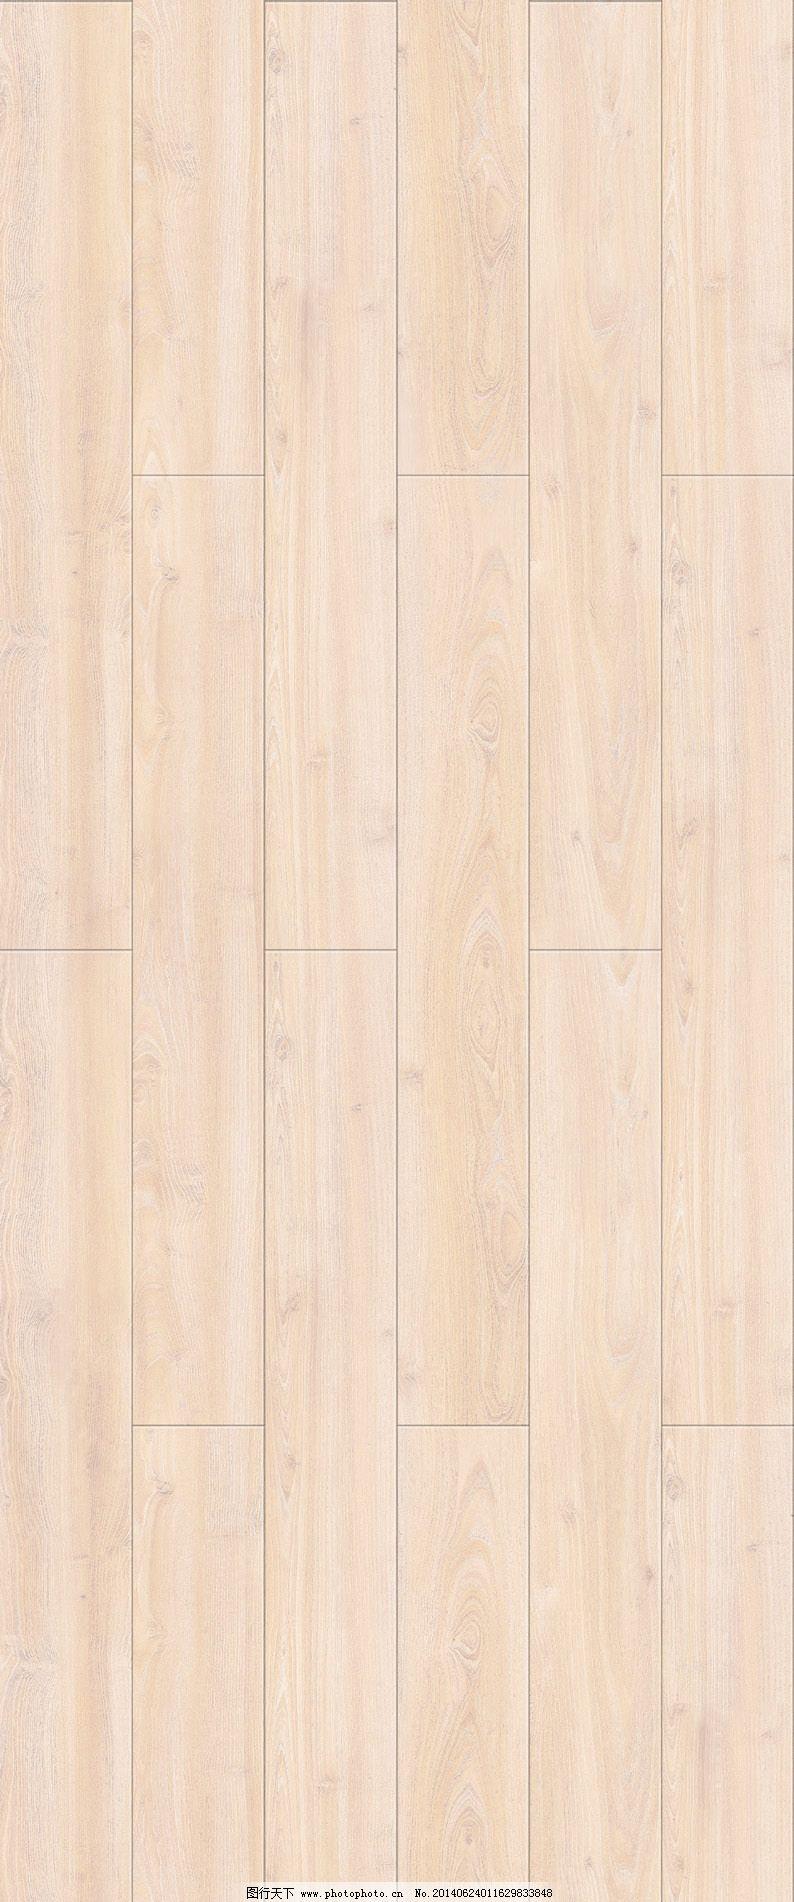 木材贴图 木地板 木地板贴图 木地板效果图 室内设计 木地板 木地板贴